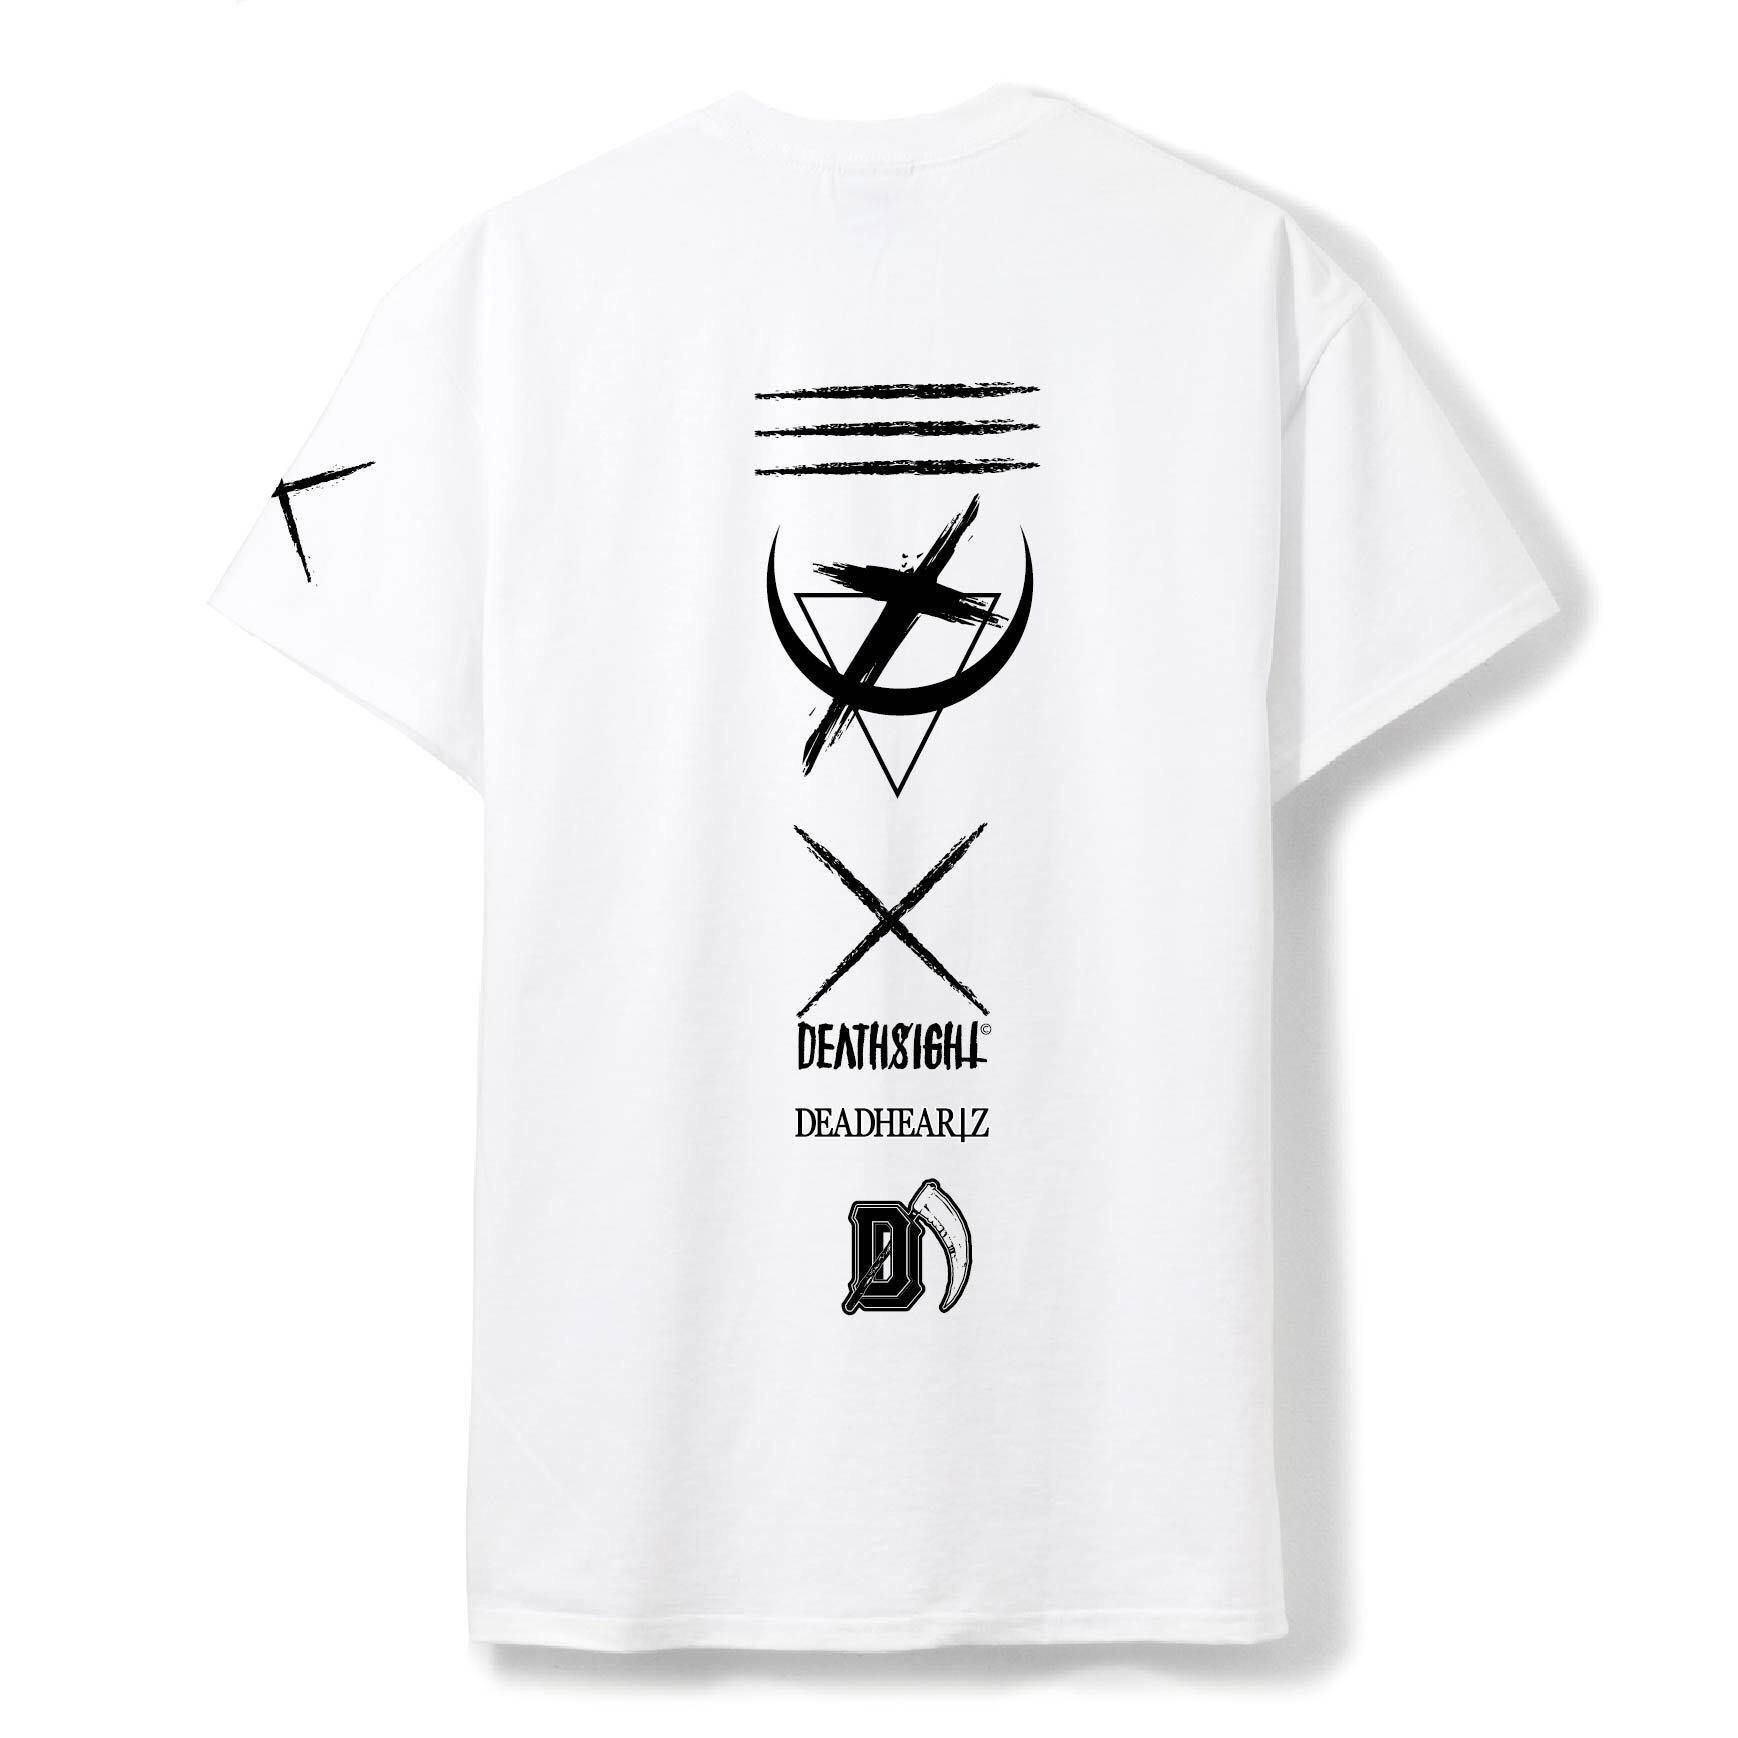 x DEADHEARTZ Tees / WHITE - 画像2